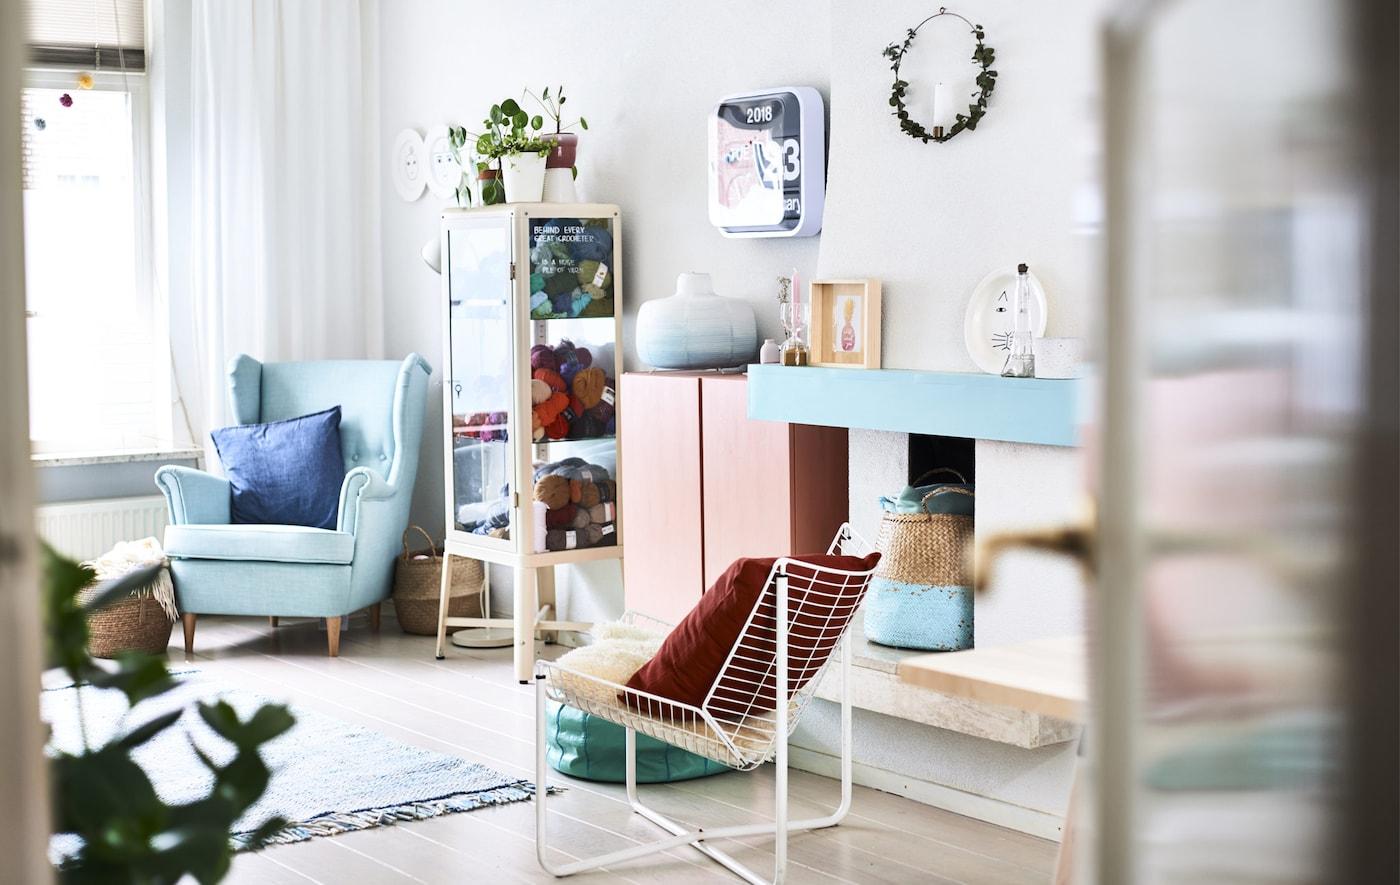 Ein Wohnzimmer in Pastelltönen mit passenden Möbeln und Accessoires